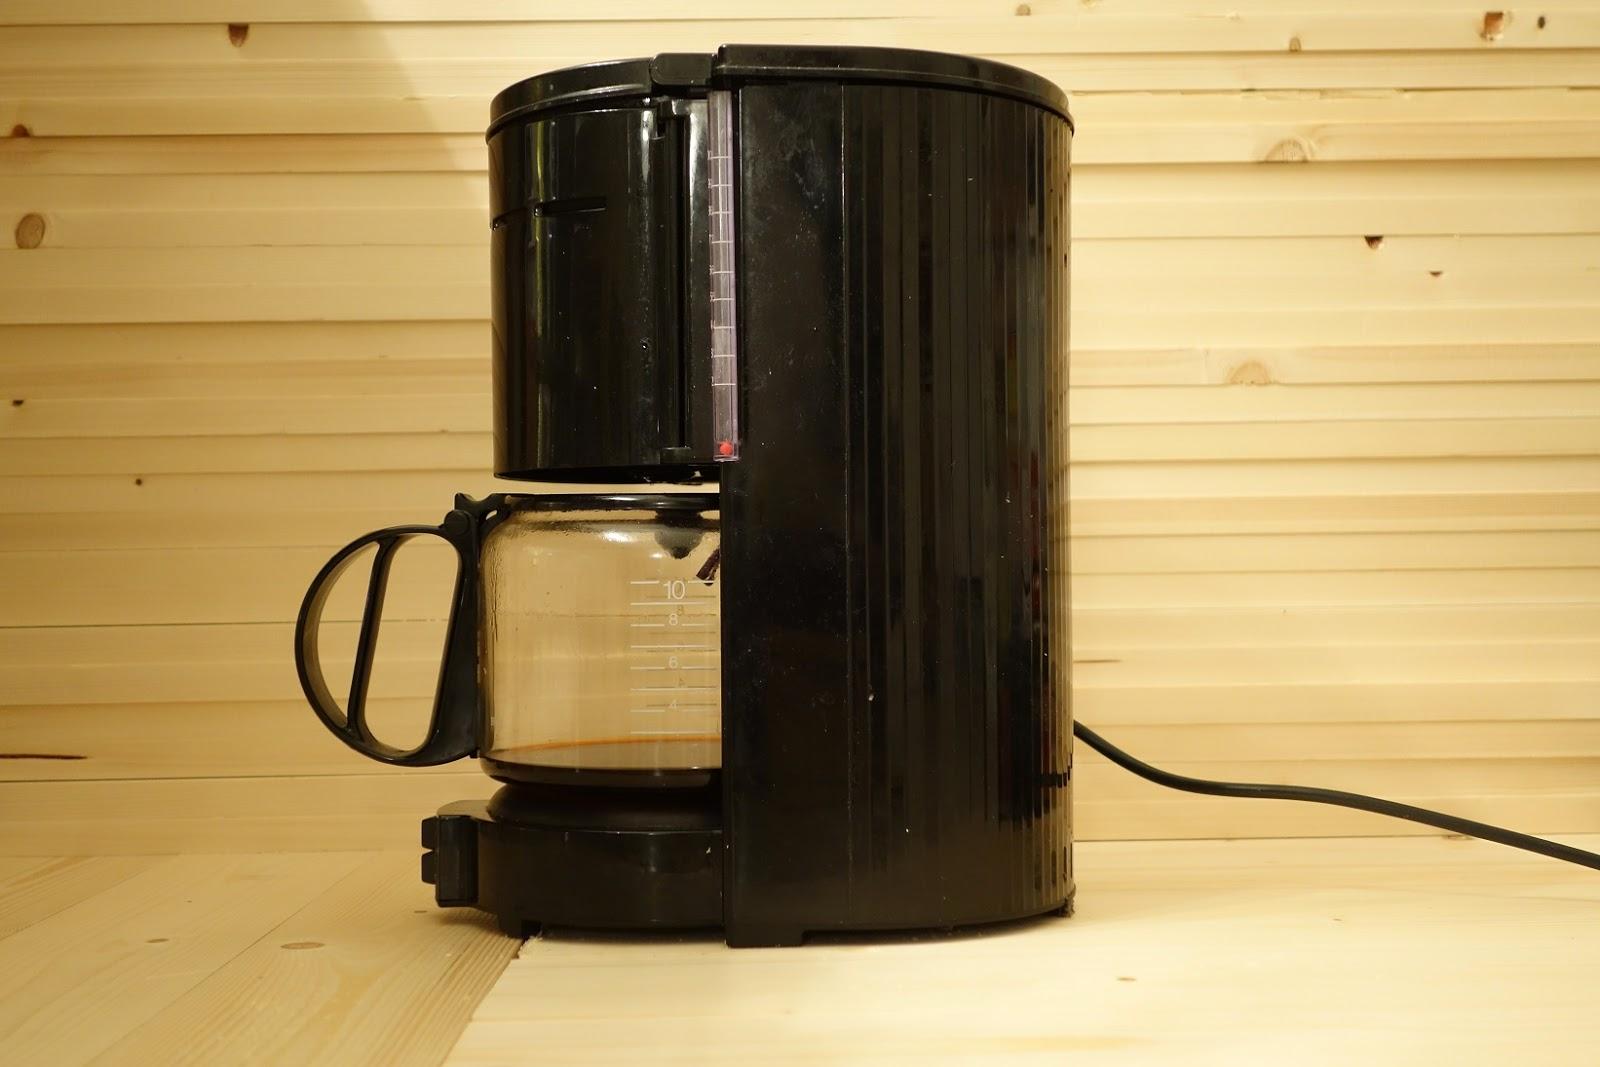 koffiezetapparaat kringloop